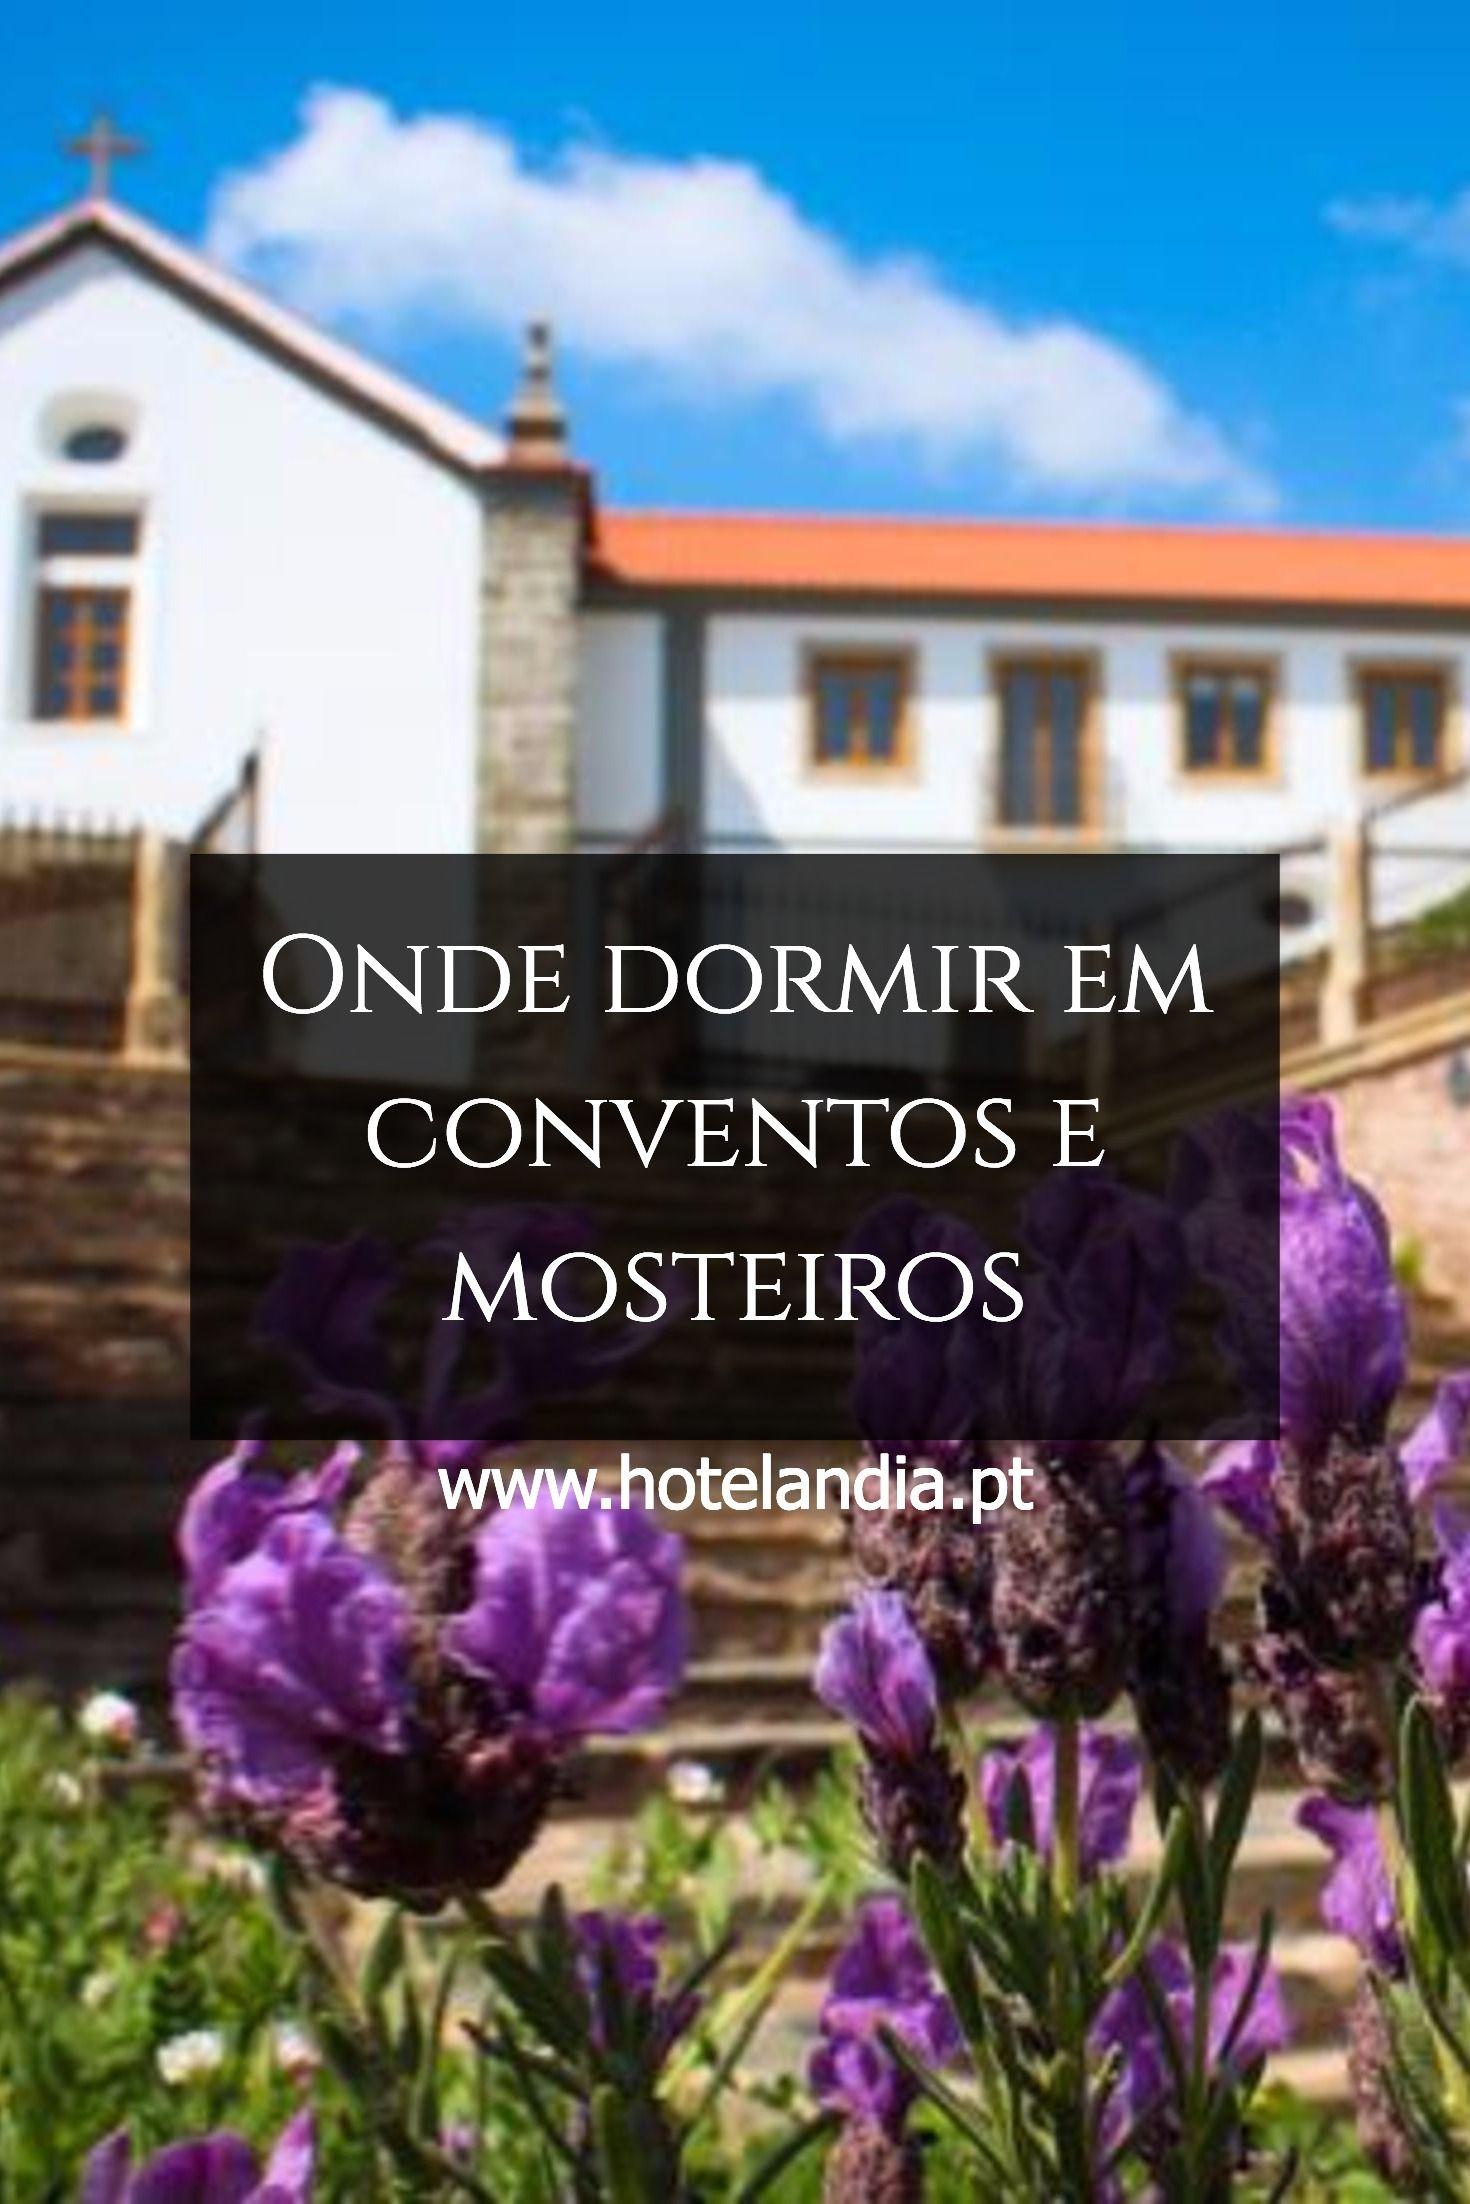 Onde dormir em conventos e mosteiros / www.hotelandia.pt